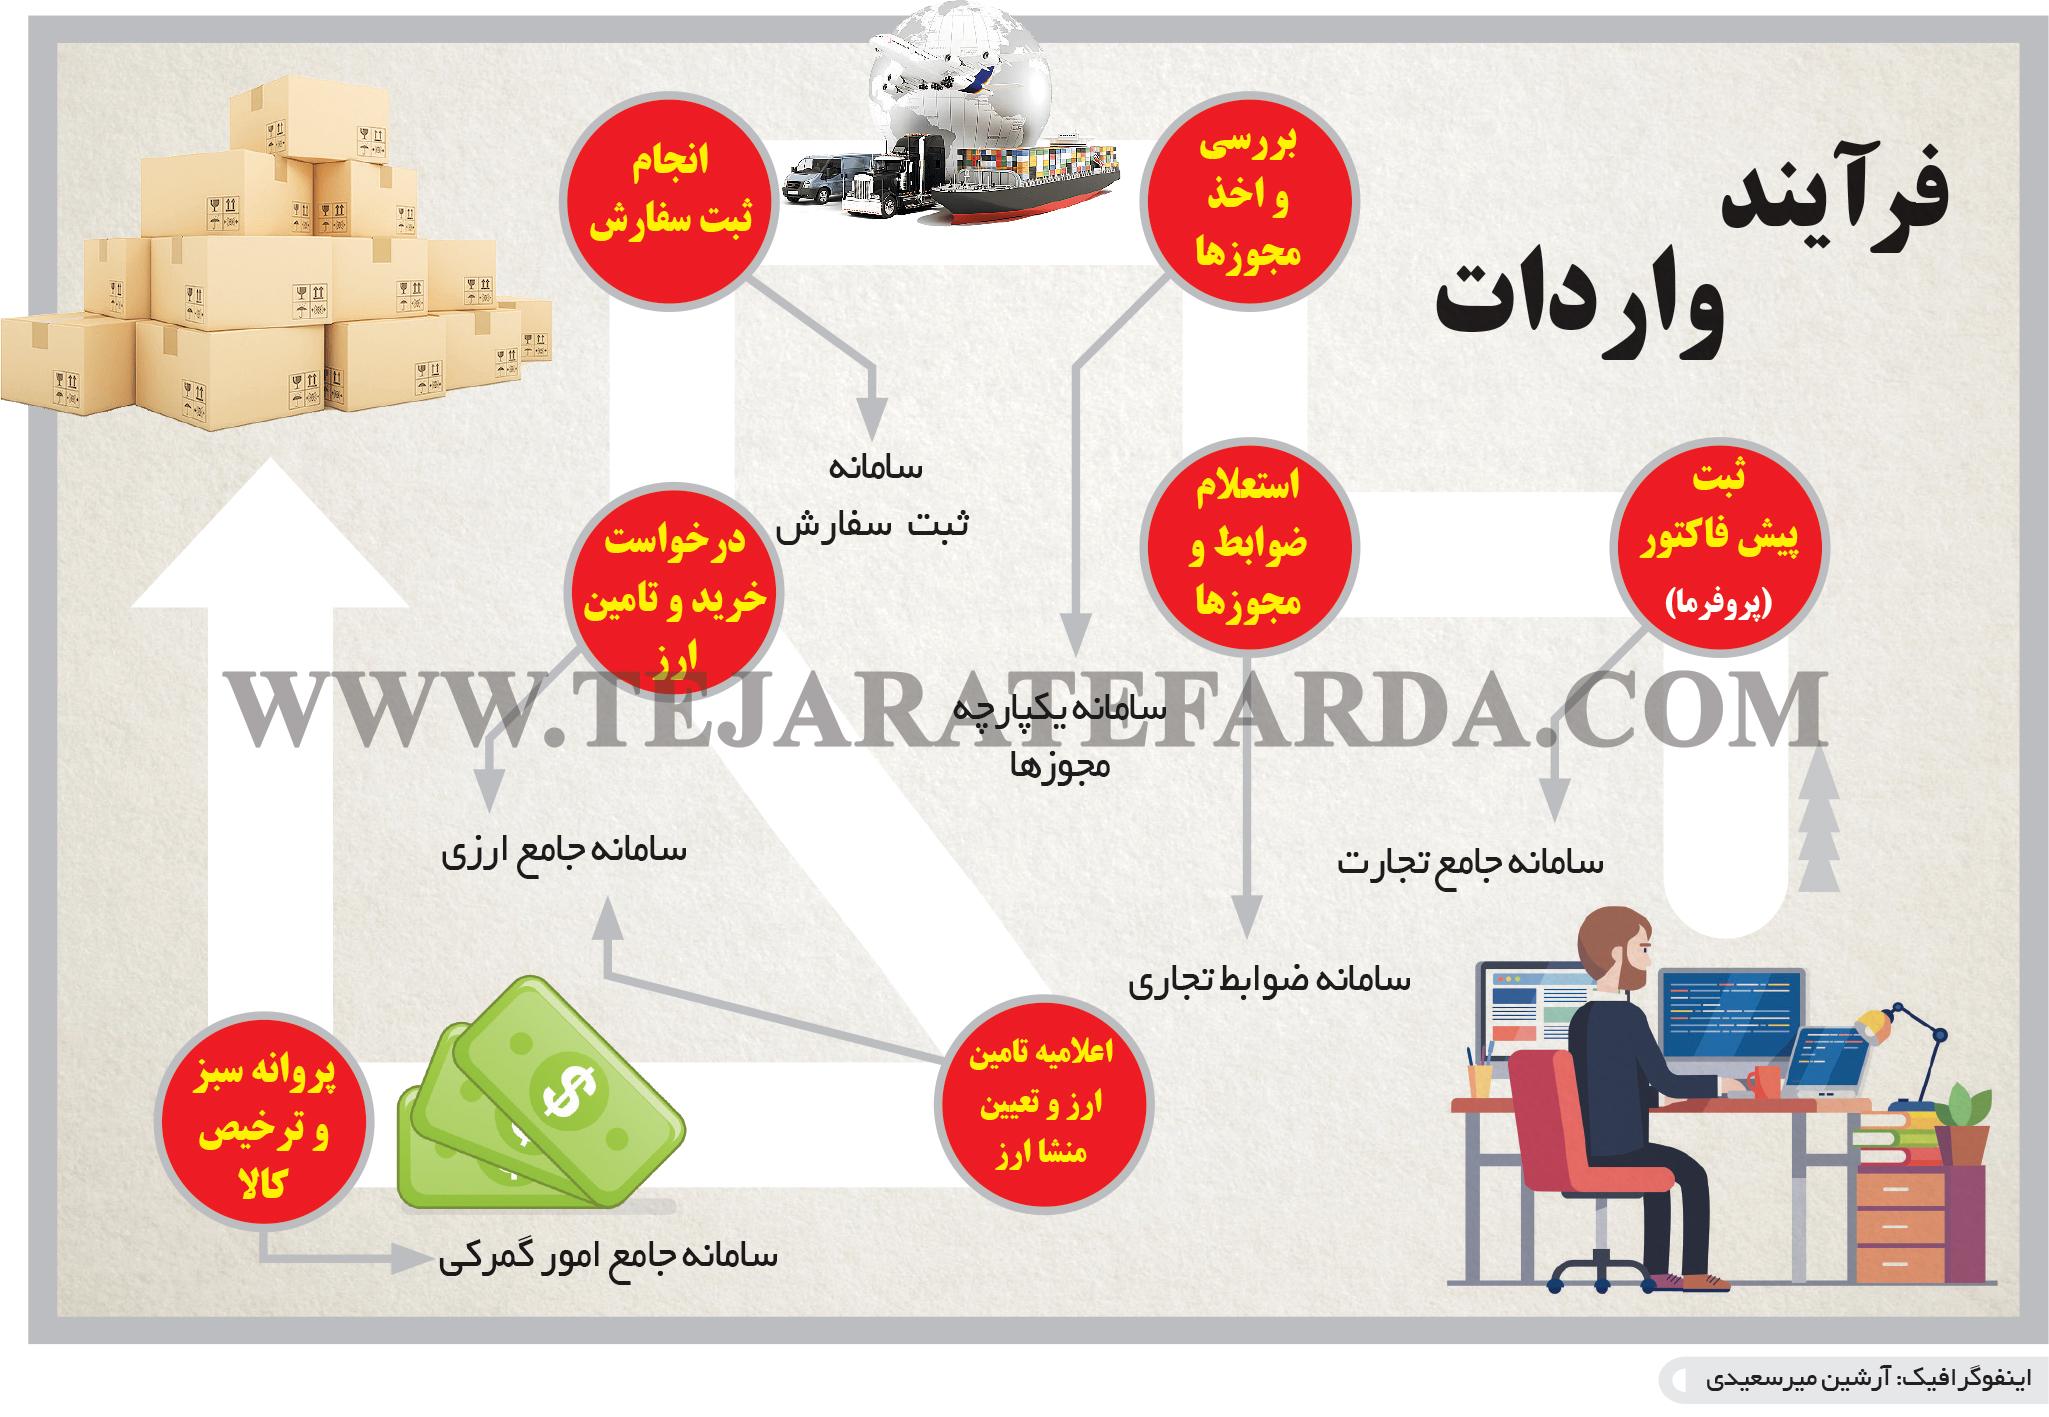 تجارت- فردا- فرآیند واردات(اینفوگرافیک)